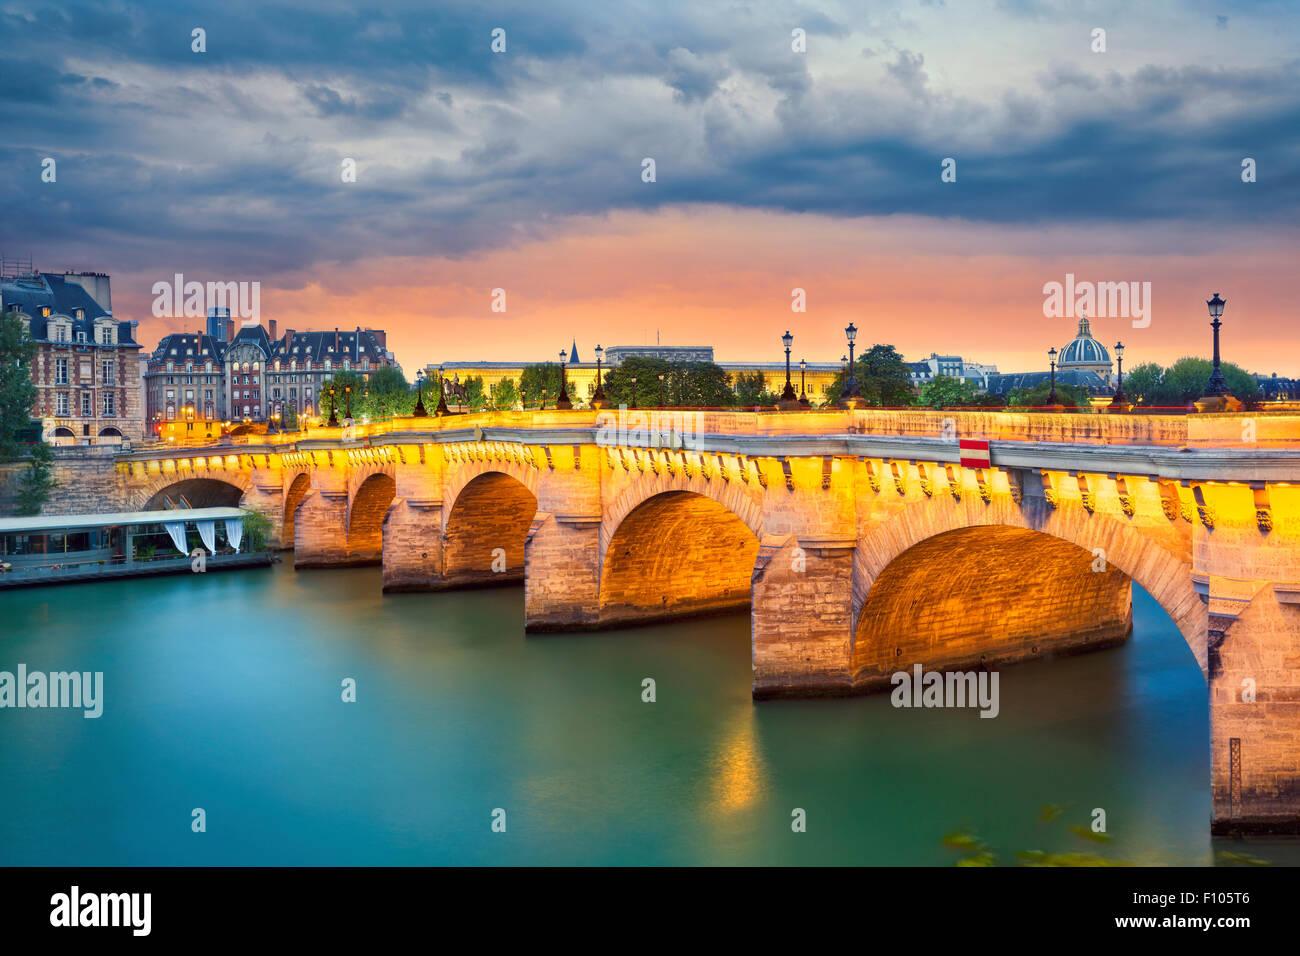 París. Imagen del Pont Neuf, el más antiguo puente que cruza el río Sena en París, Francia. Imagen De Stock